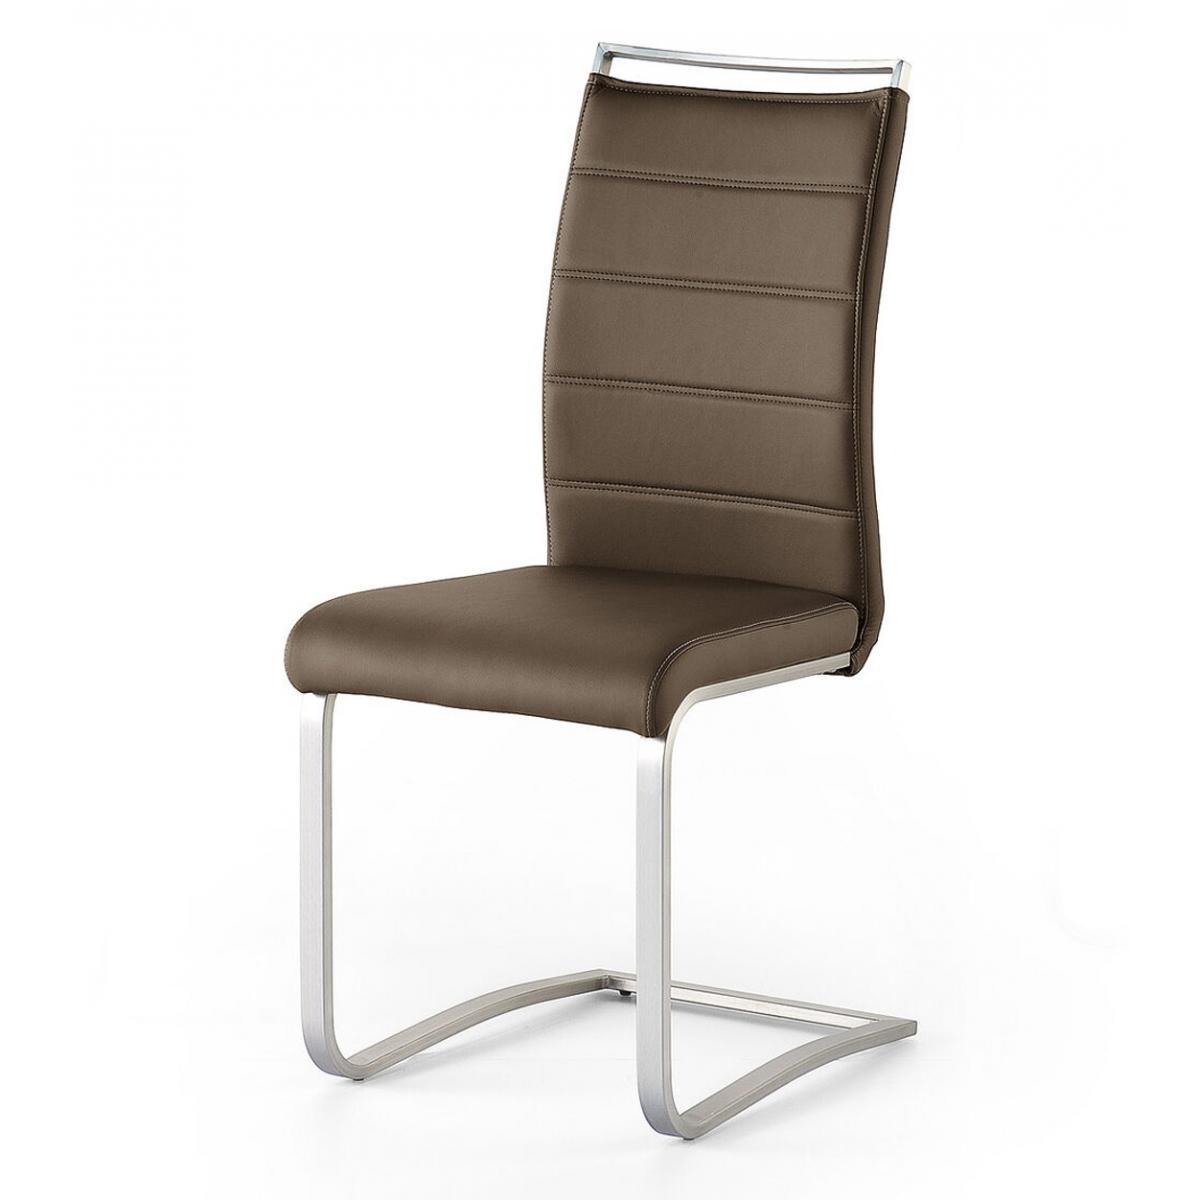 Pegane Lot de 2 chaises en acier et simili cuir coloris marron - L.42 x H.102 x P.56 cm -PEGANE-